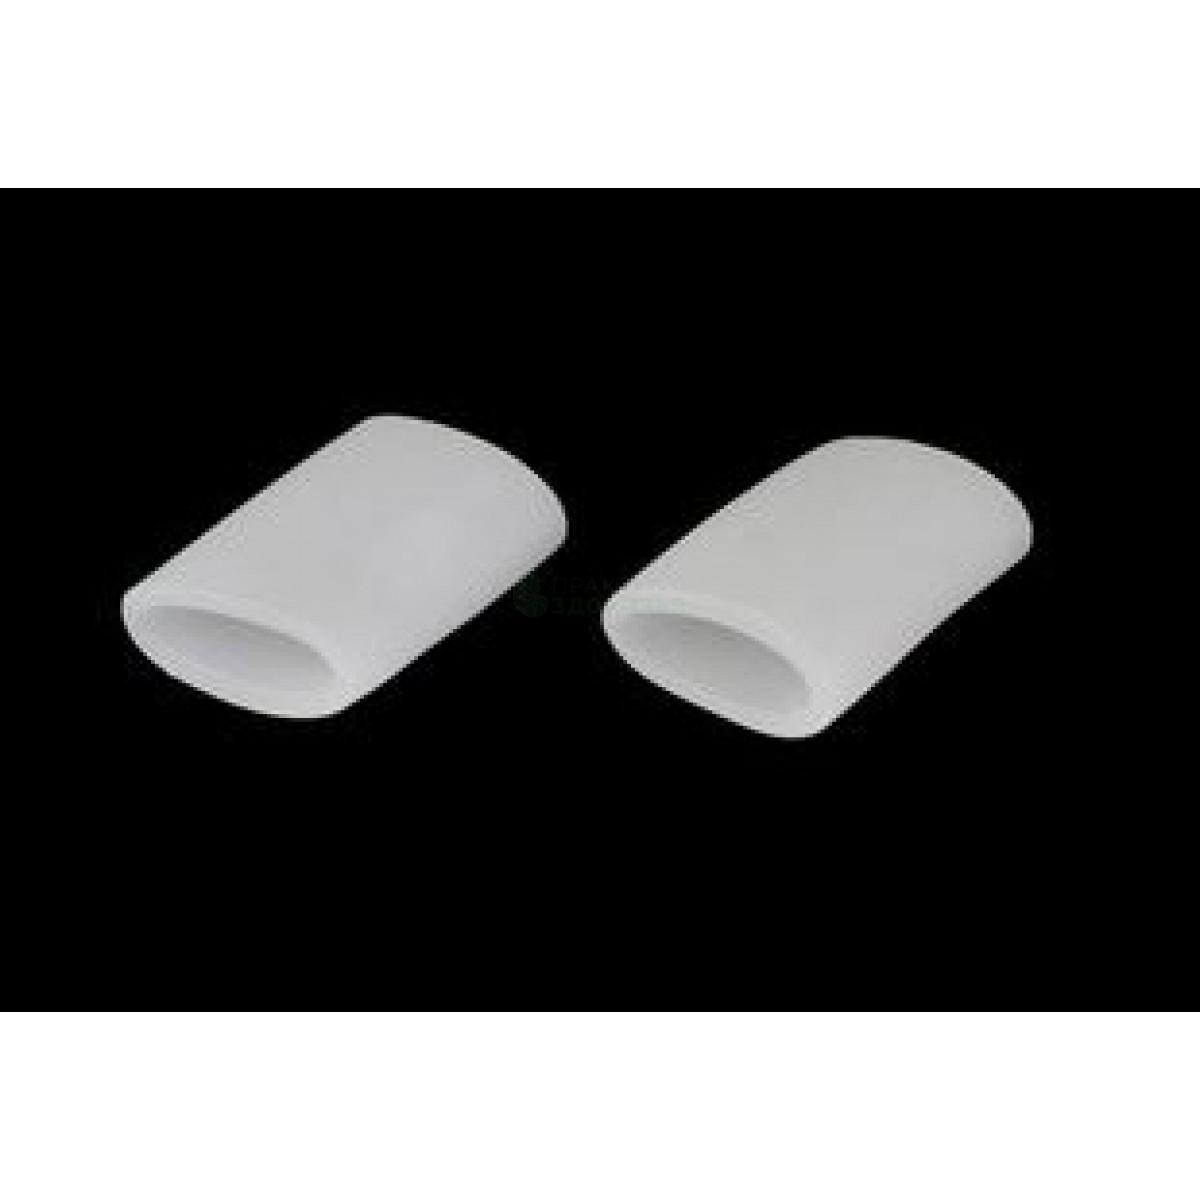 Защитное силиконое кольцо для пальца